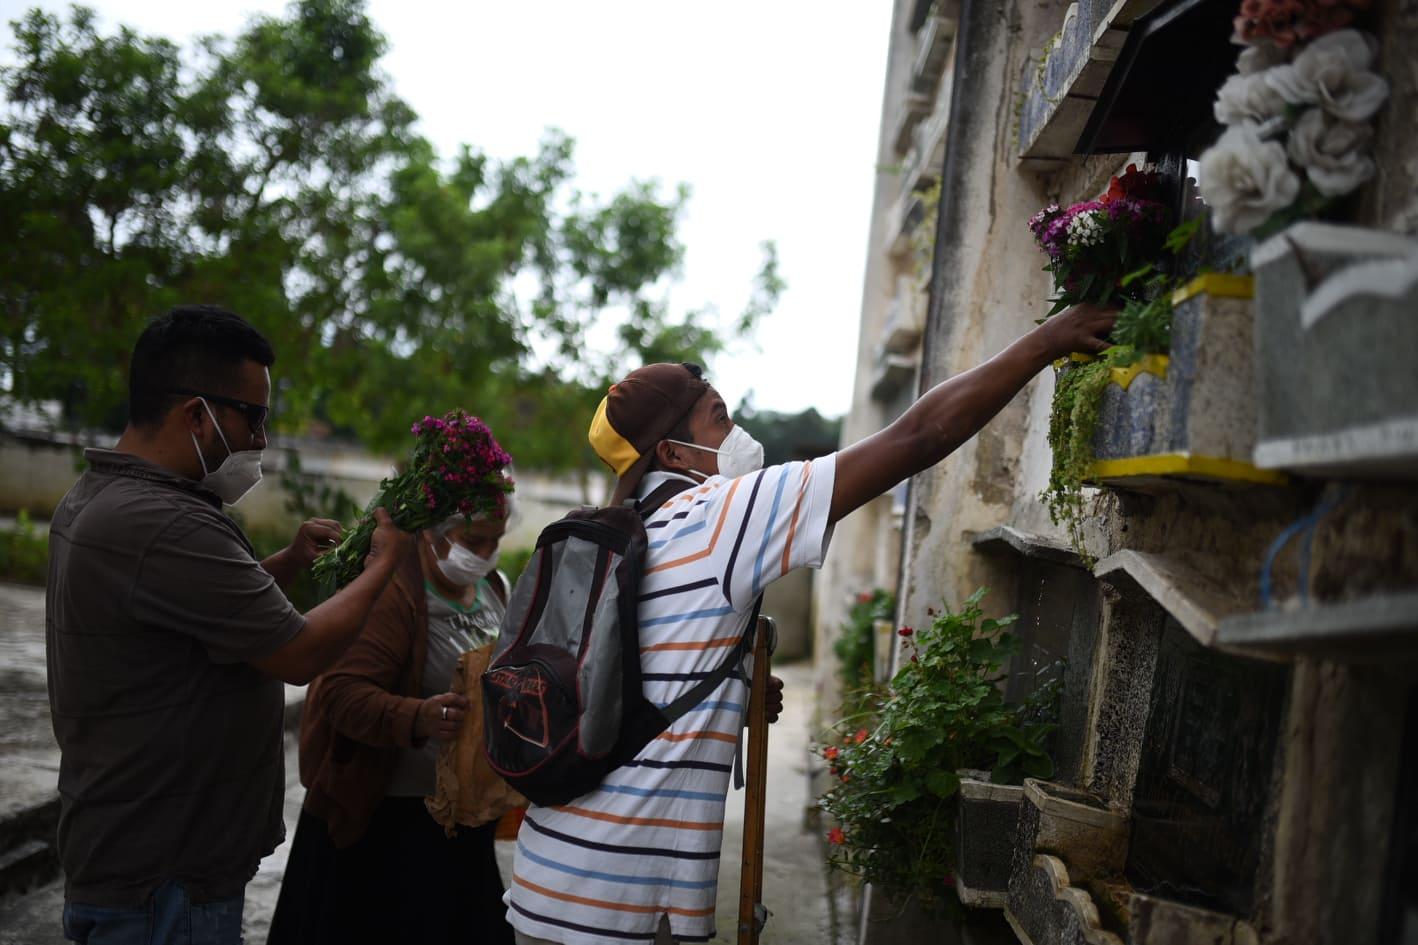 visita a cementerios por Día de los Santos - Covid-19